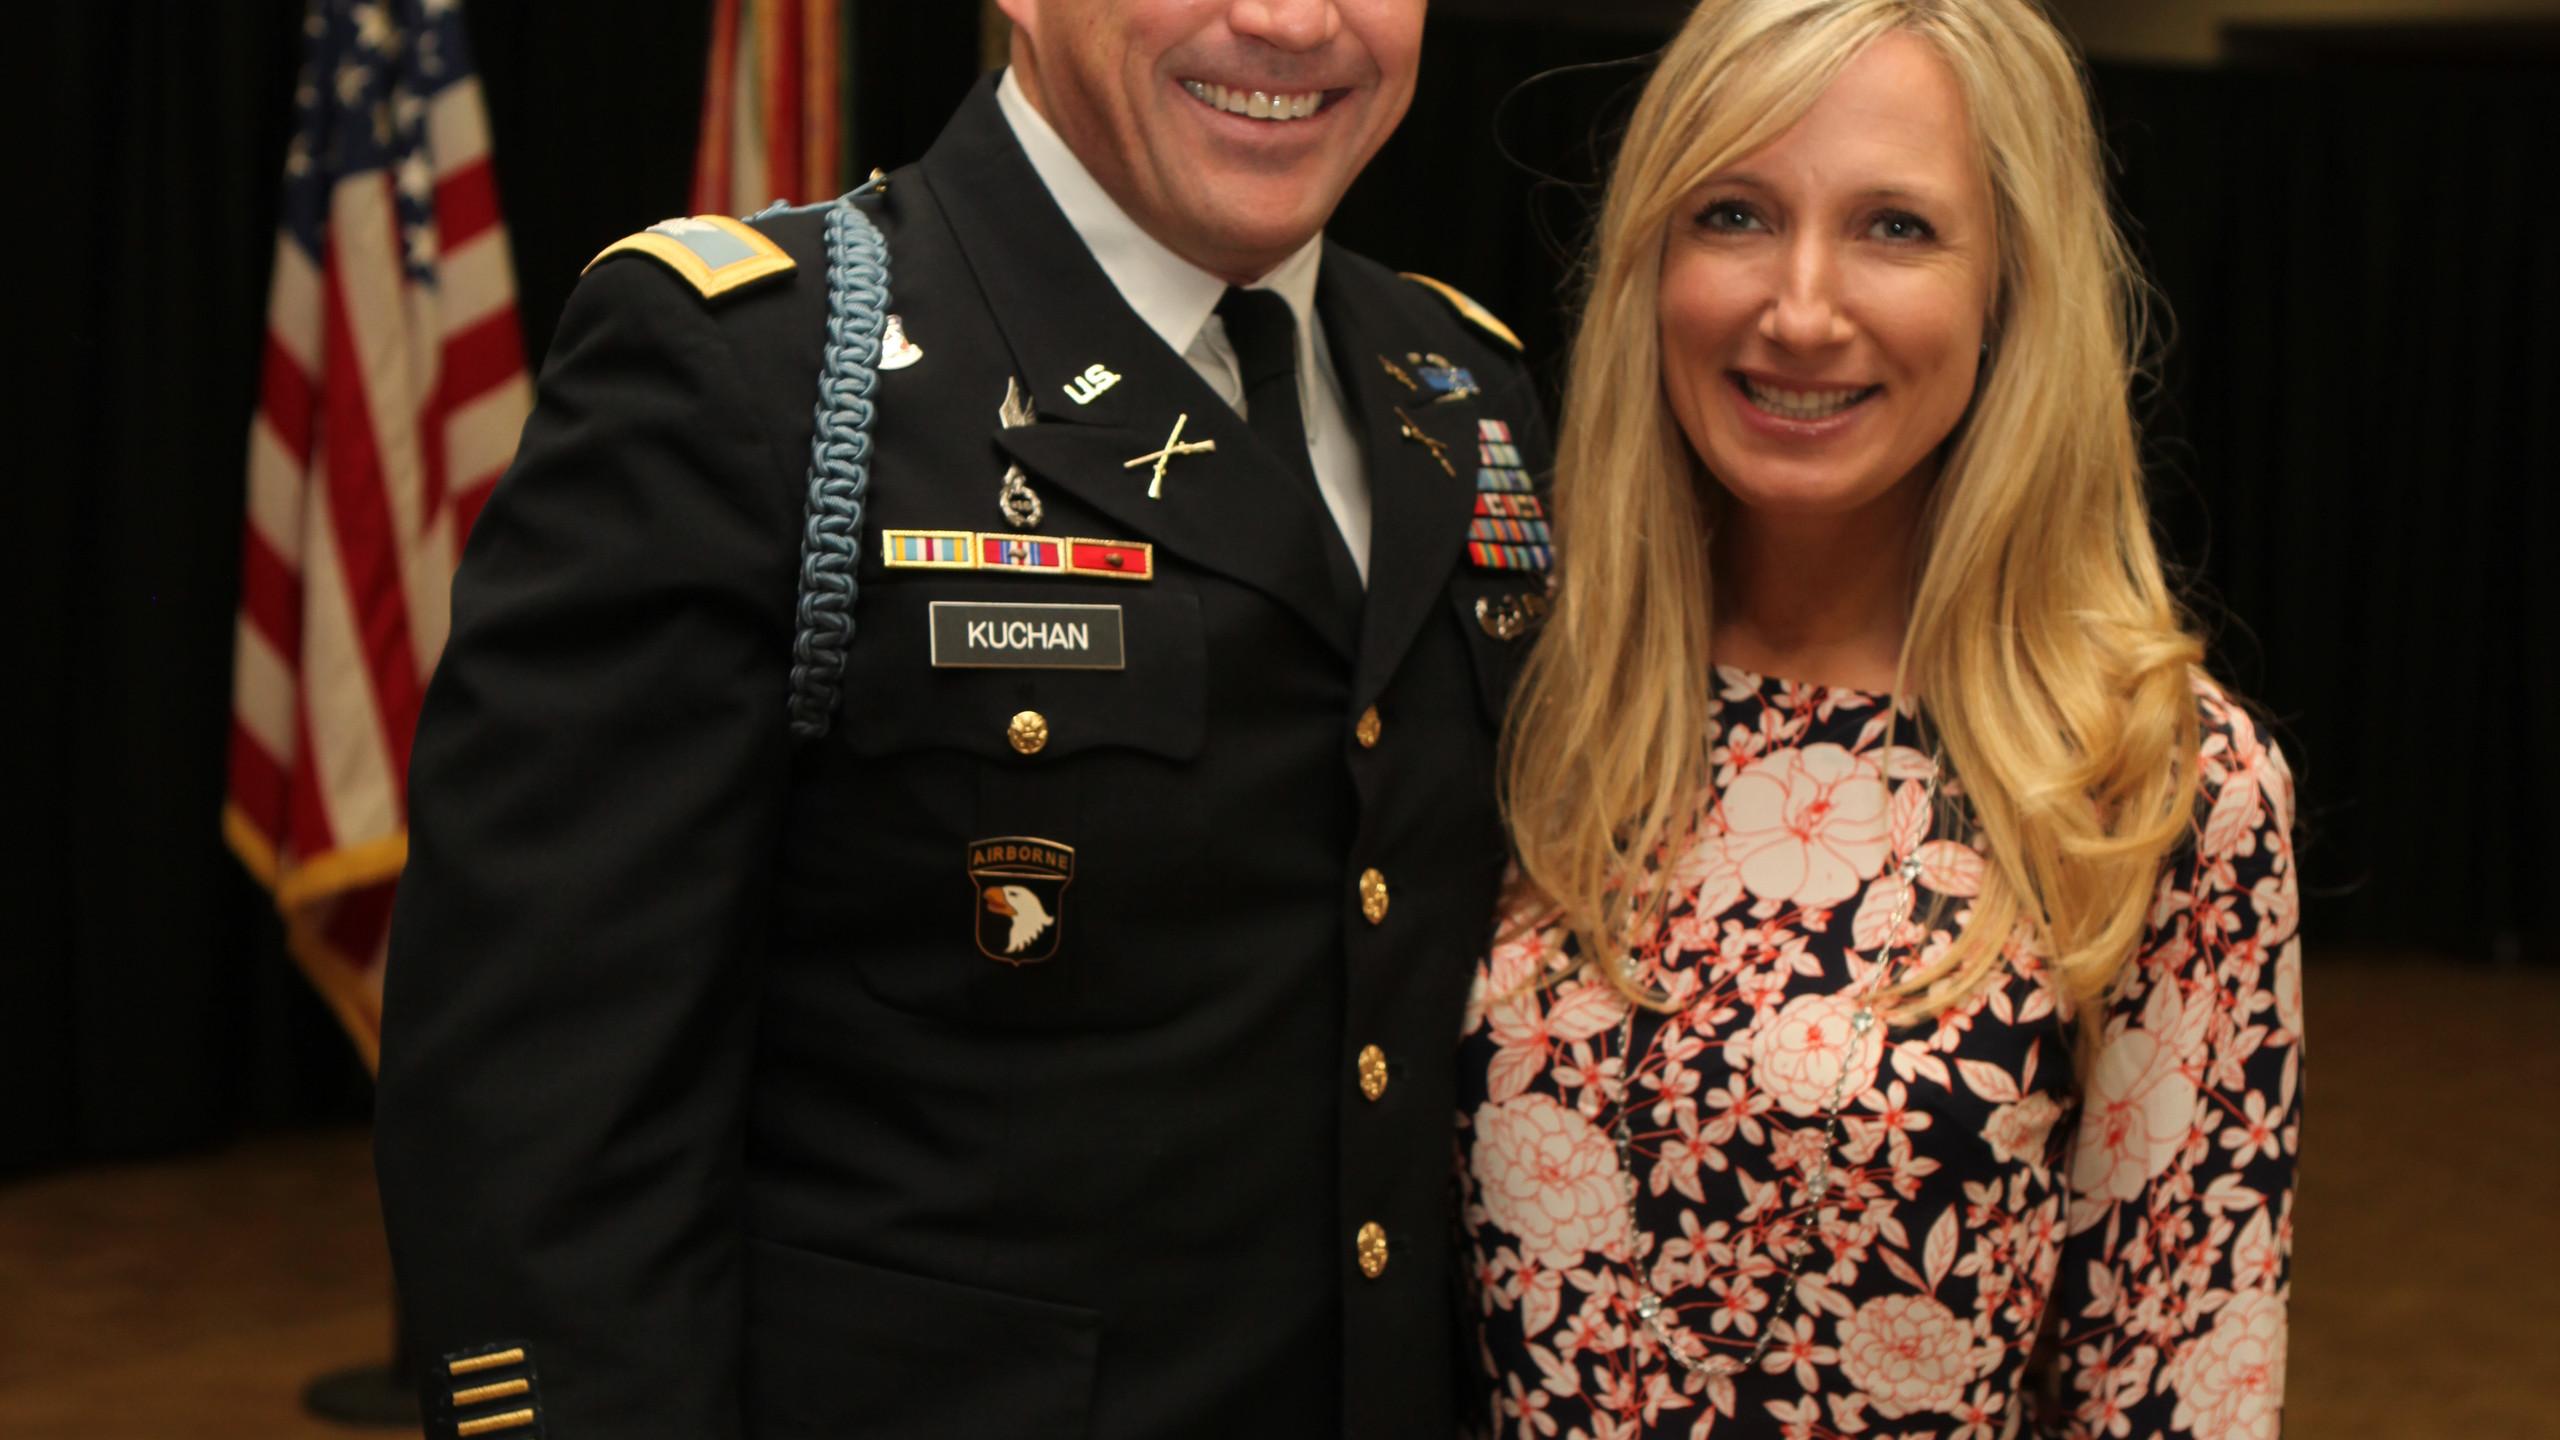 Col. Joe & Sarah Kuchan